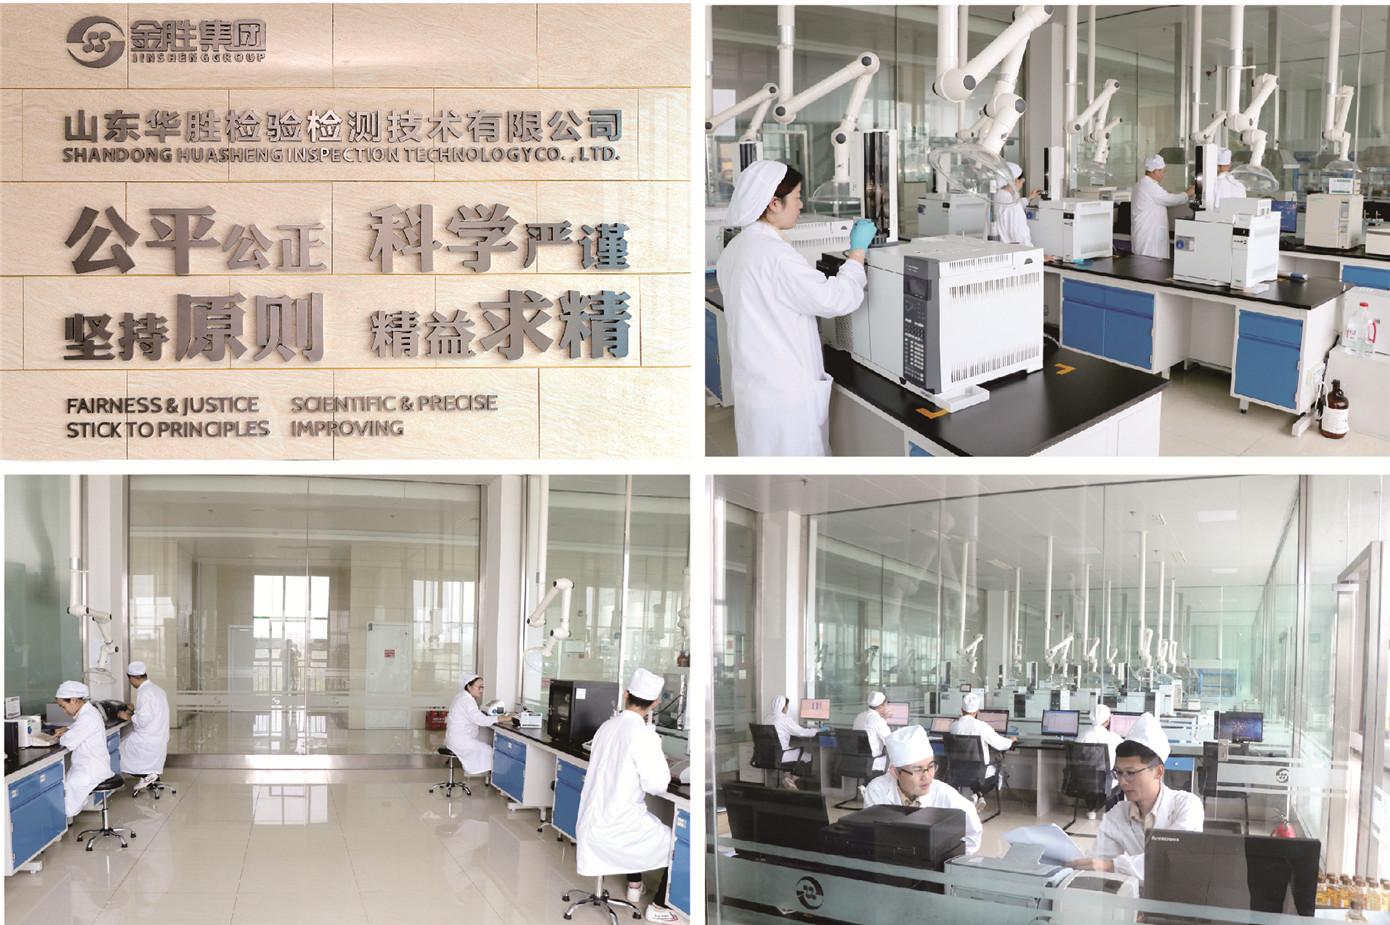 华胜检测检验技术公司